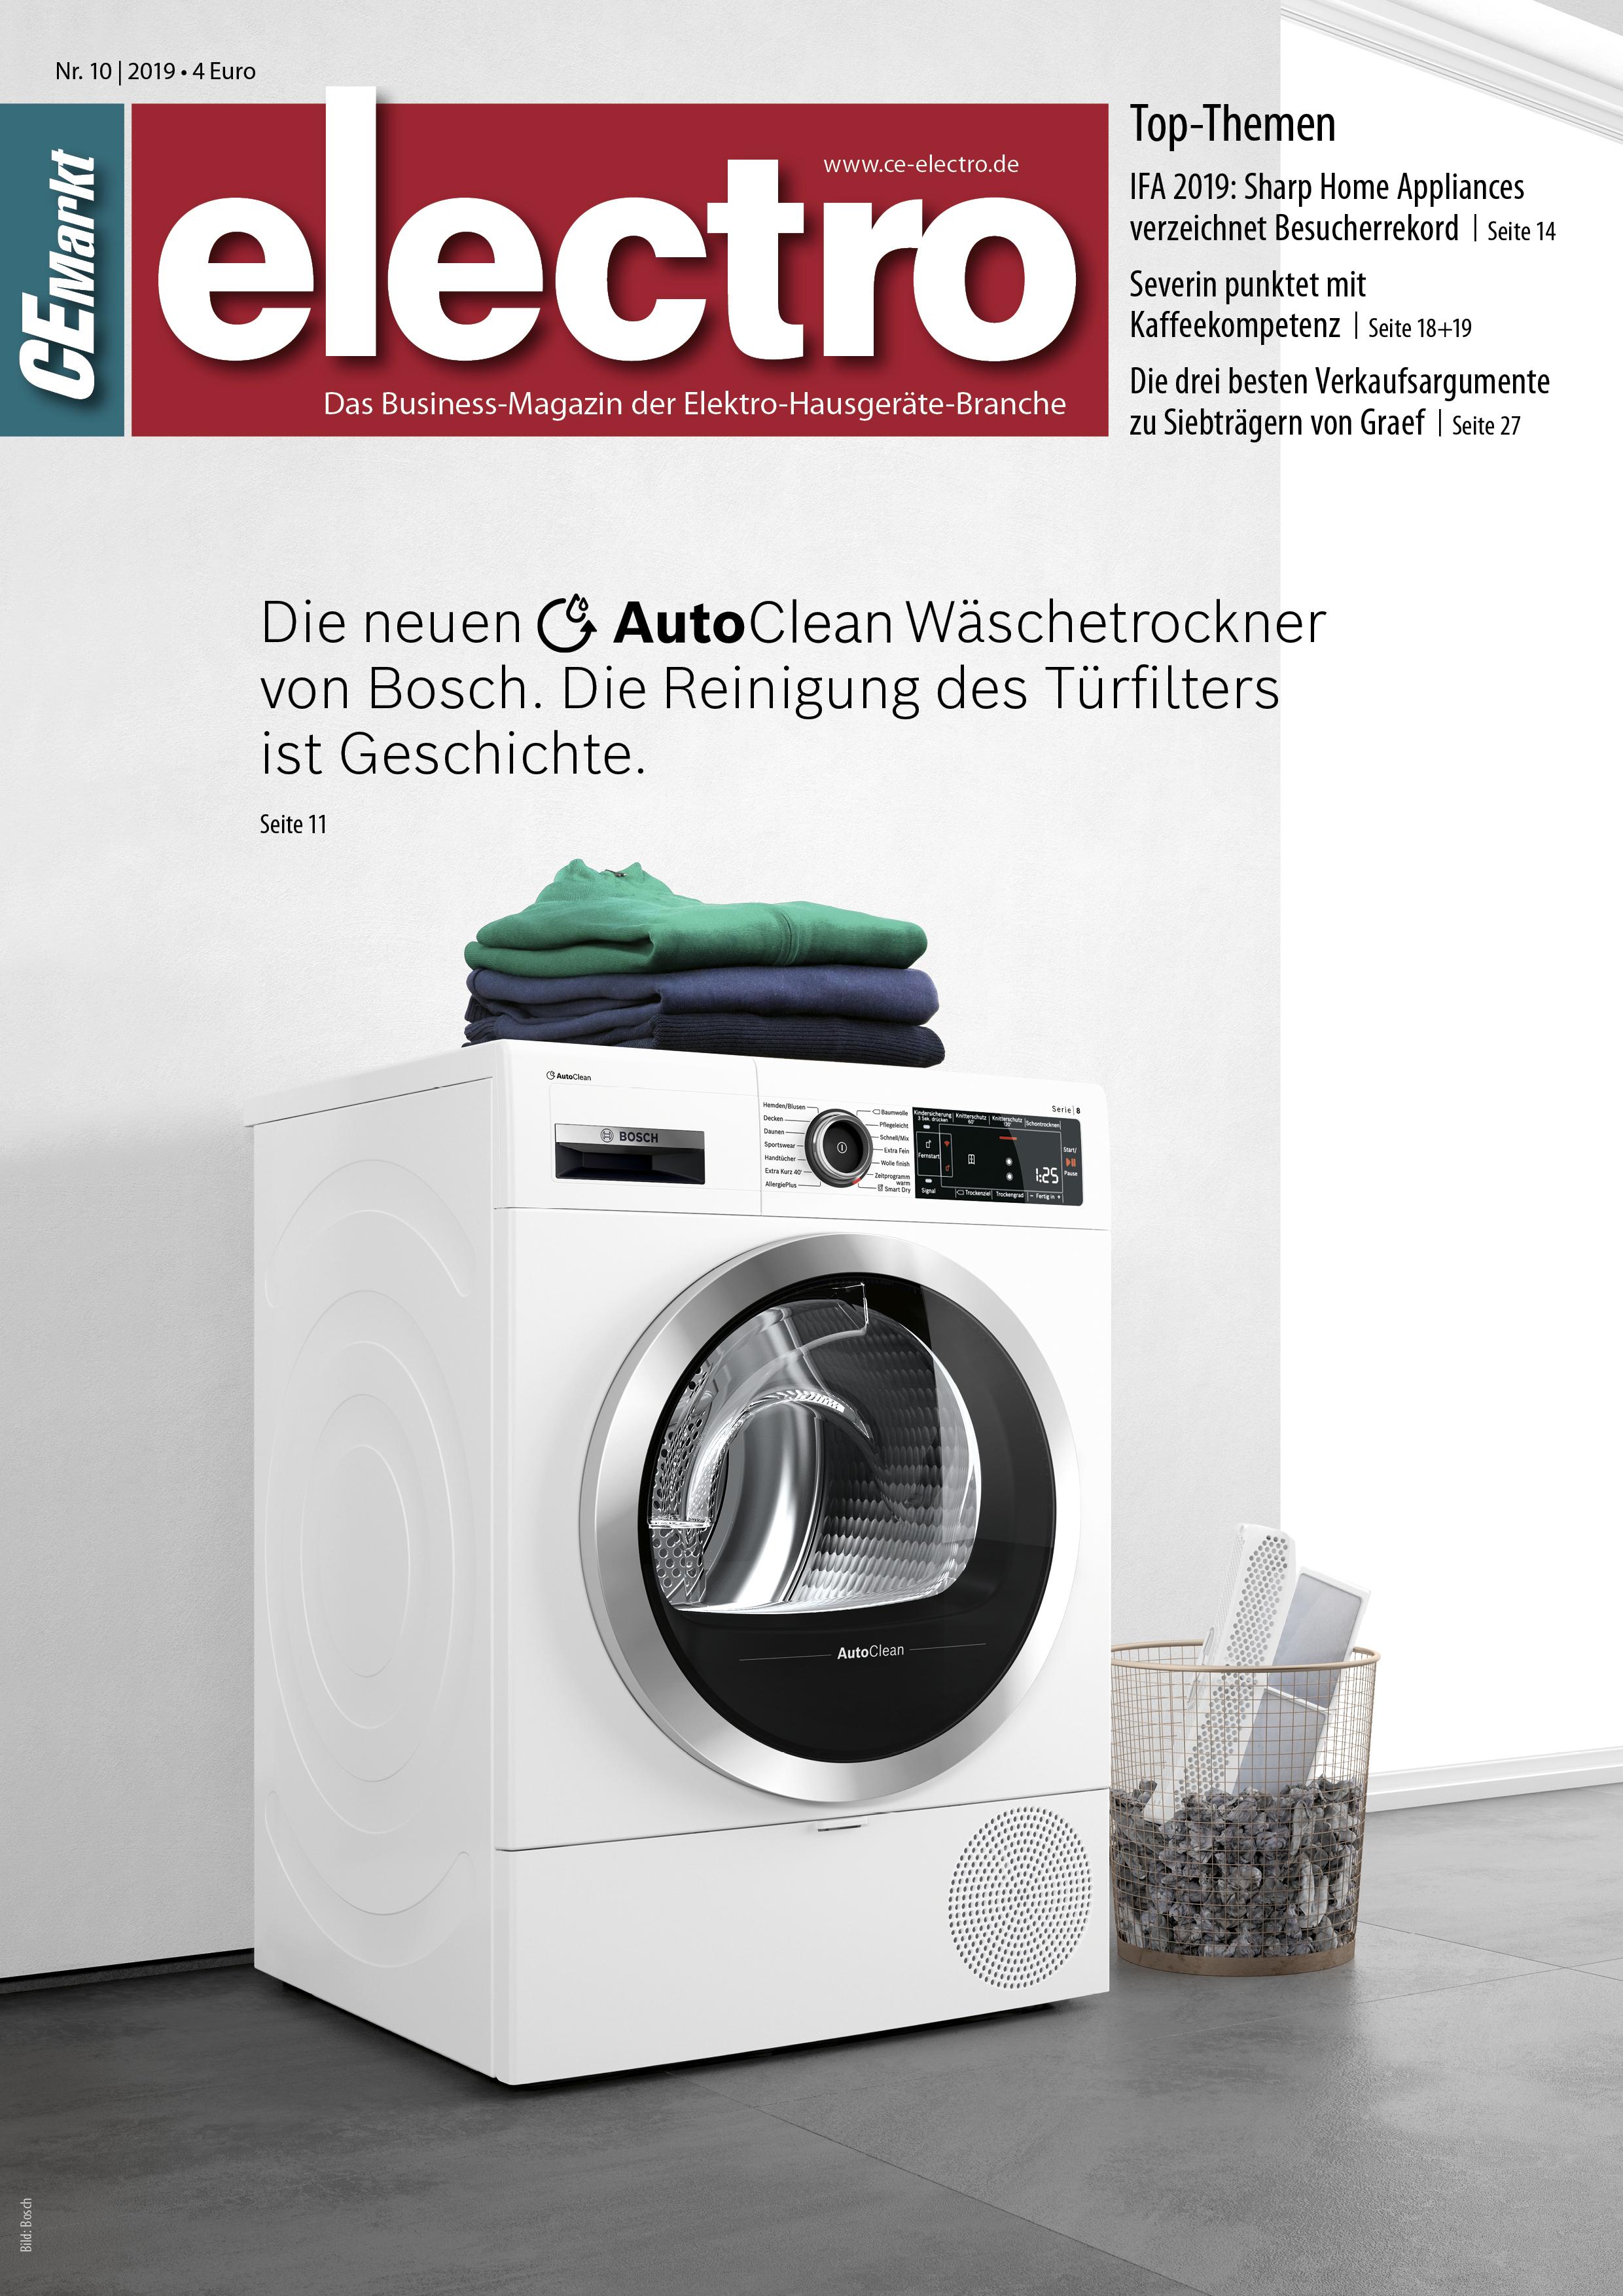 CE-Markt electro Titelseite des Hefts 10/2019.